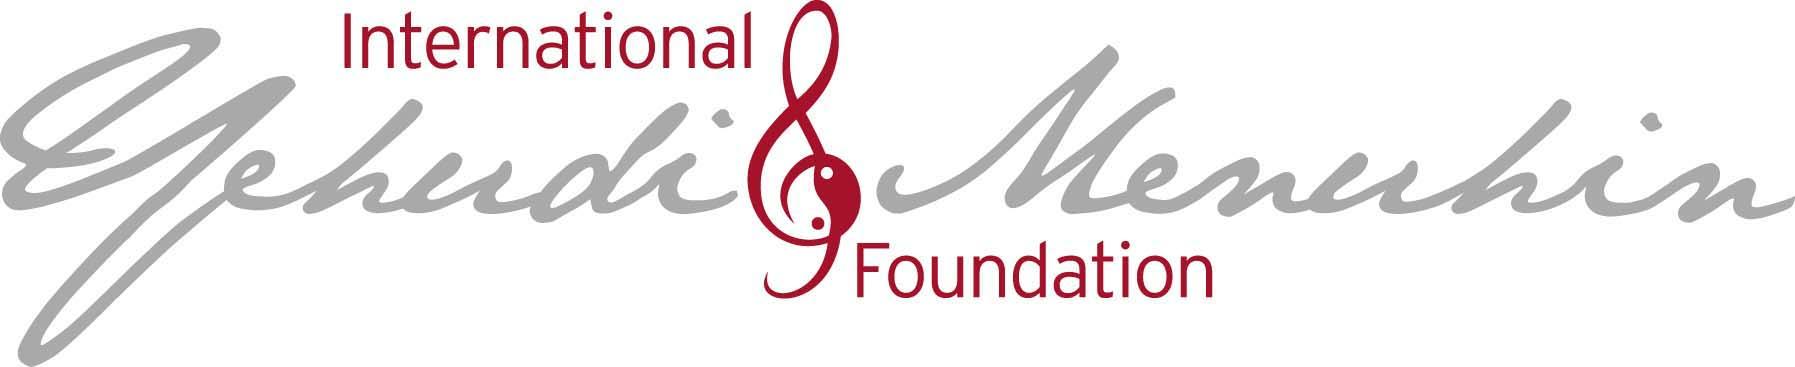 Naar de website van International Yehudi Menuhin Foundation